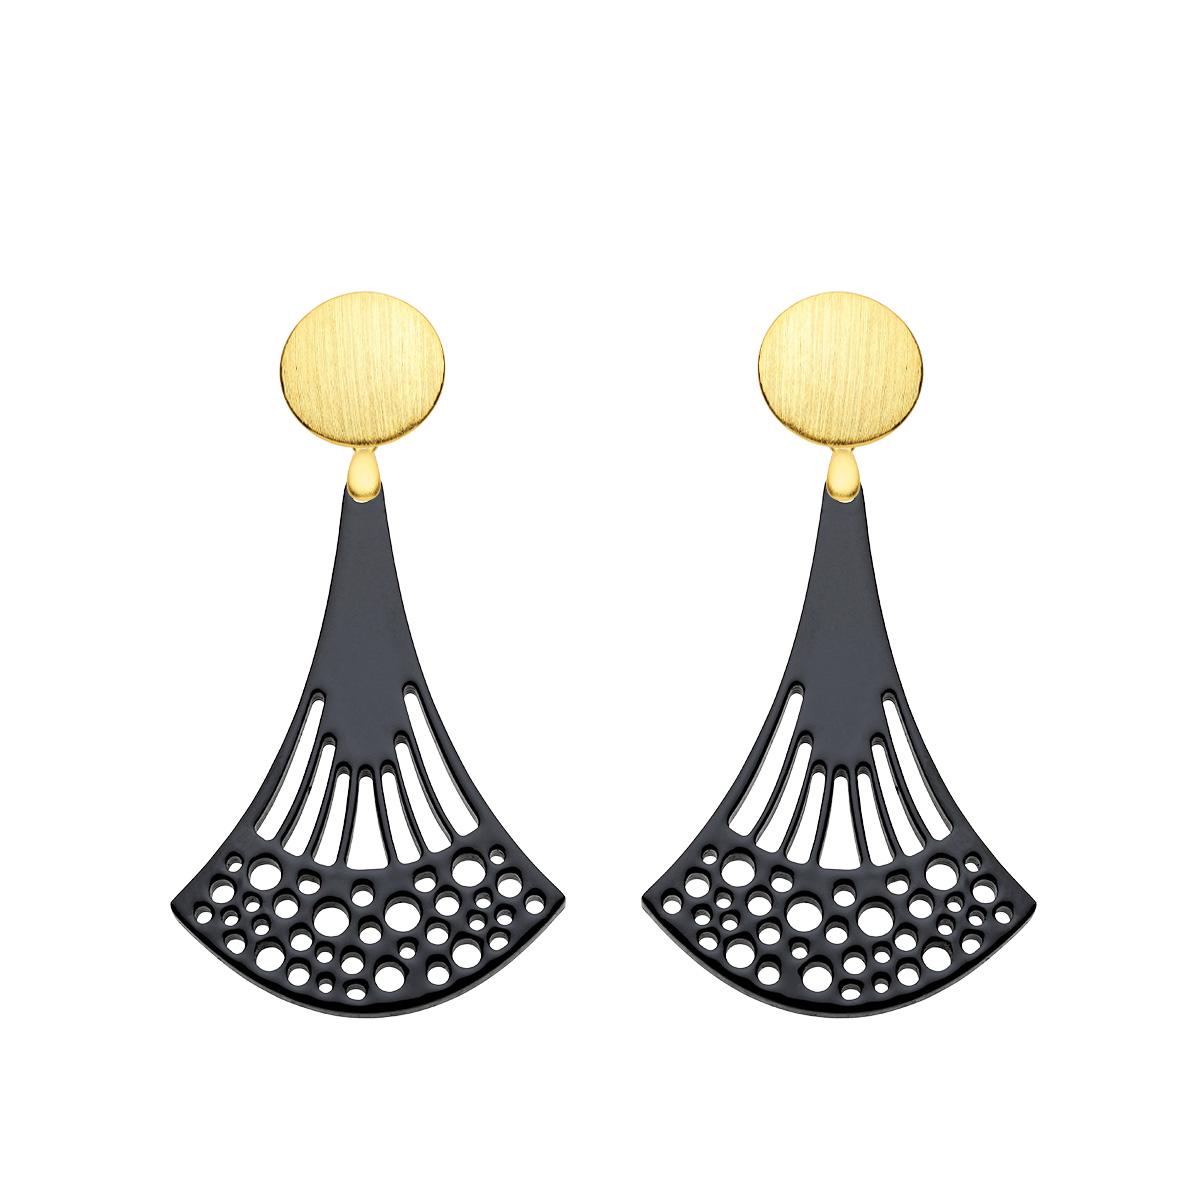 Ohrringe hängend aus Horn in Schwarz mit Wechselsystem in Gold aus der Ponza Kollektion von Romy North